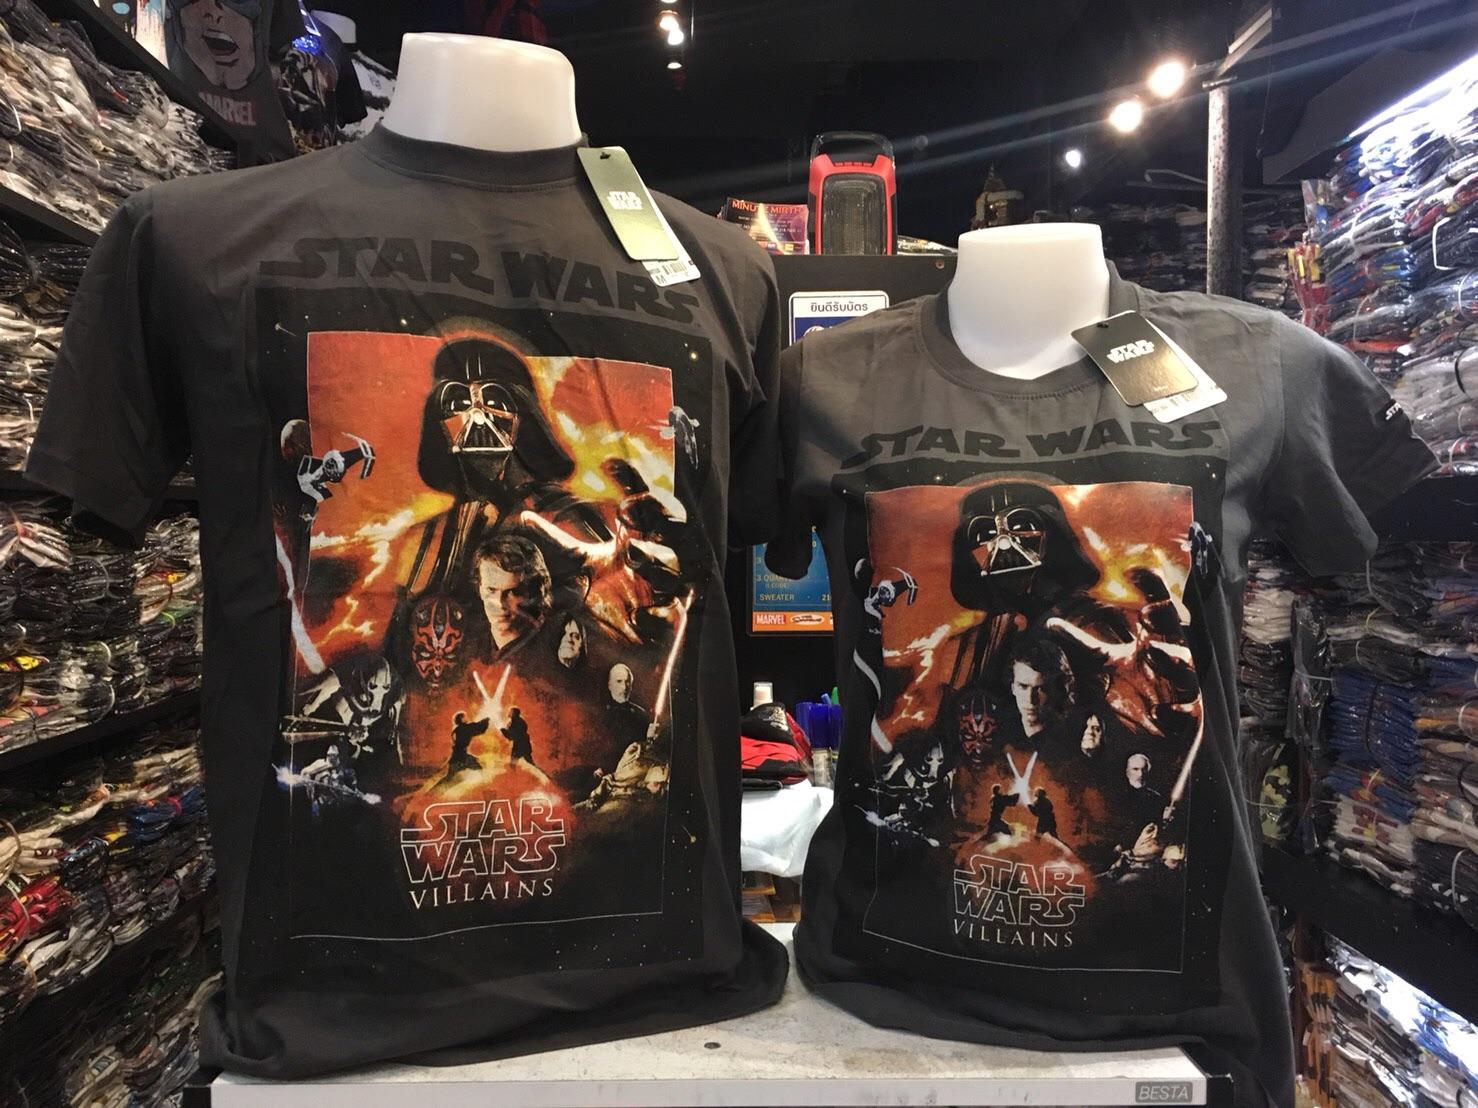 สตาร์วอร์ สีเทา (StarWars Villains CODE:0841)